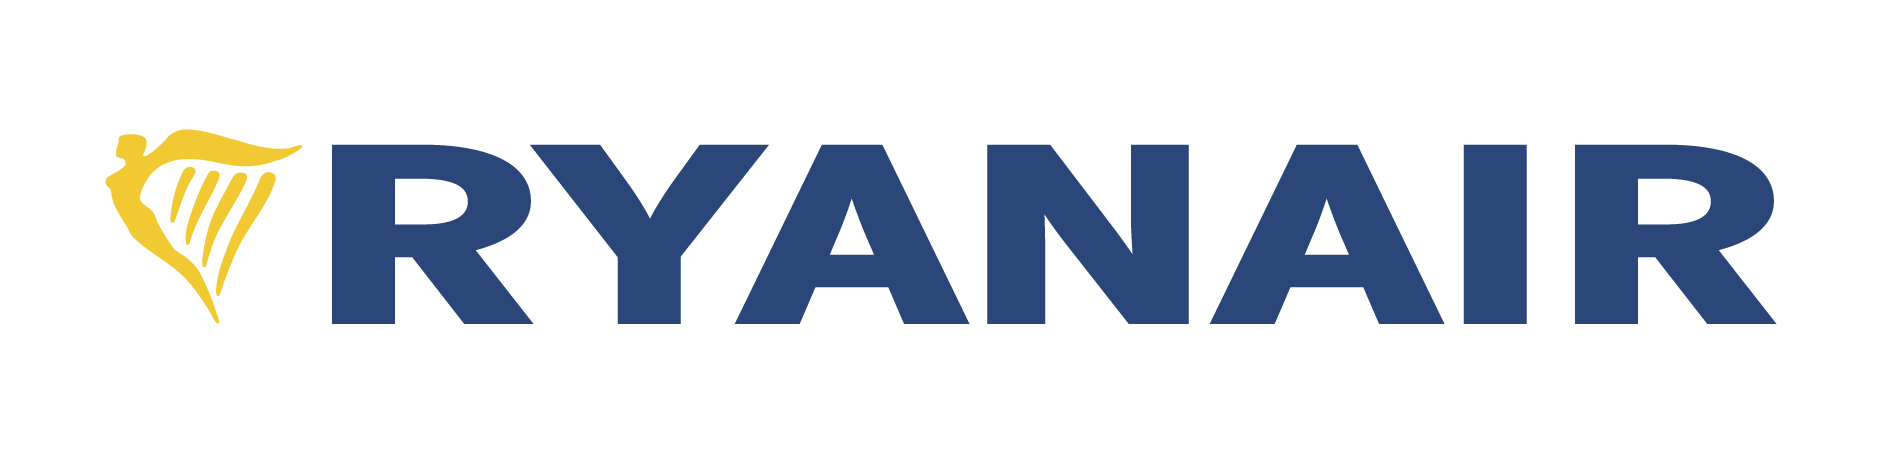 Ryanair Holdings Plc